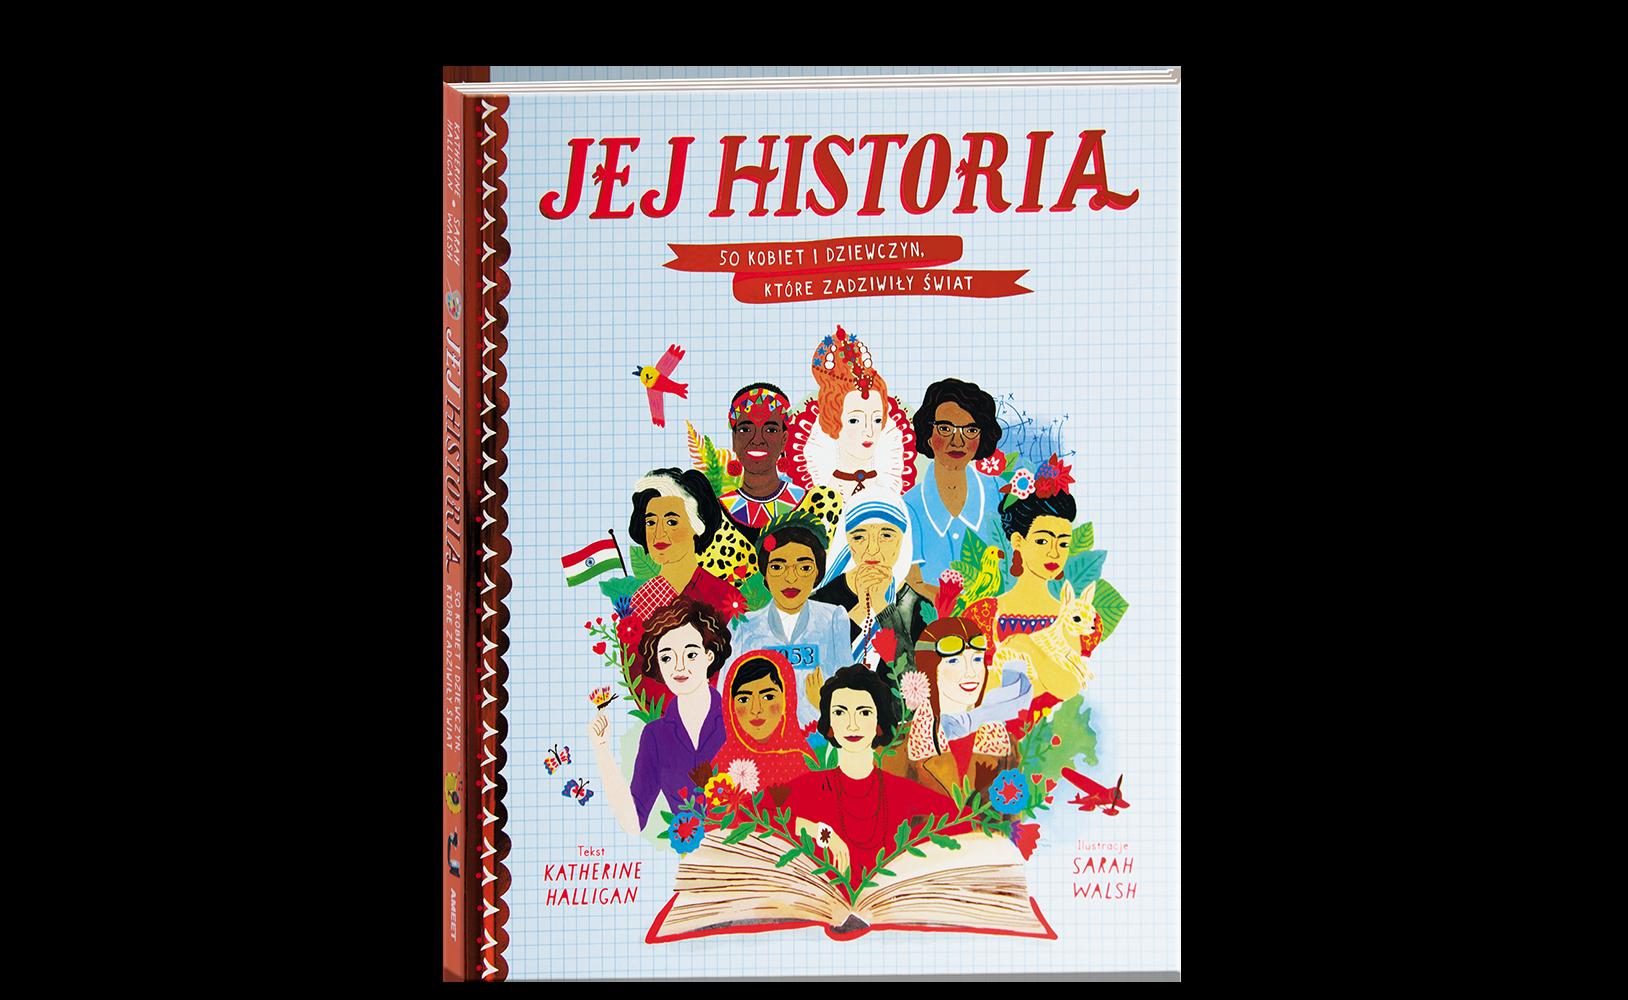 Jej historia. 50 kobiet idziewczyn, które zadziwiły świat